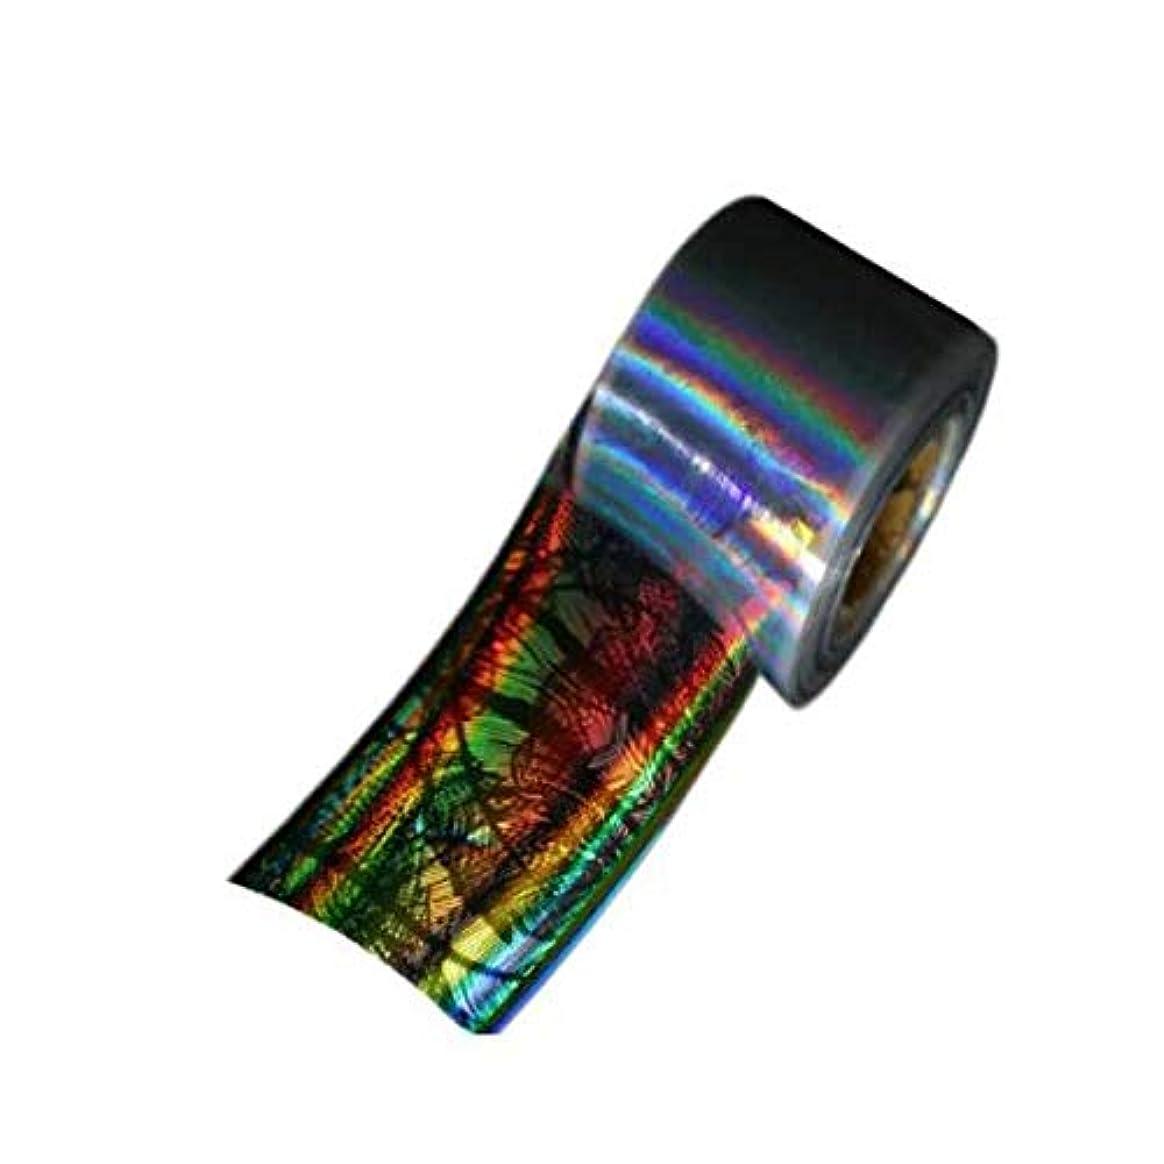 クラシカル微生物学習者SUKTI&XIAO ネイルステッカー 4Cm * 100M 1ロールネイルフォイルレーザーホログラフィックブラックフラワーネイルフィルムフルカバーネイルステッカー転写フォイルデカール、ダークグレー